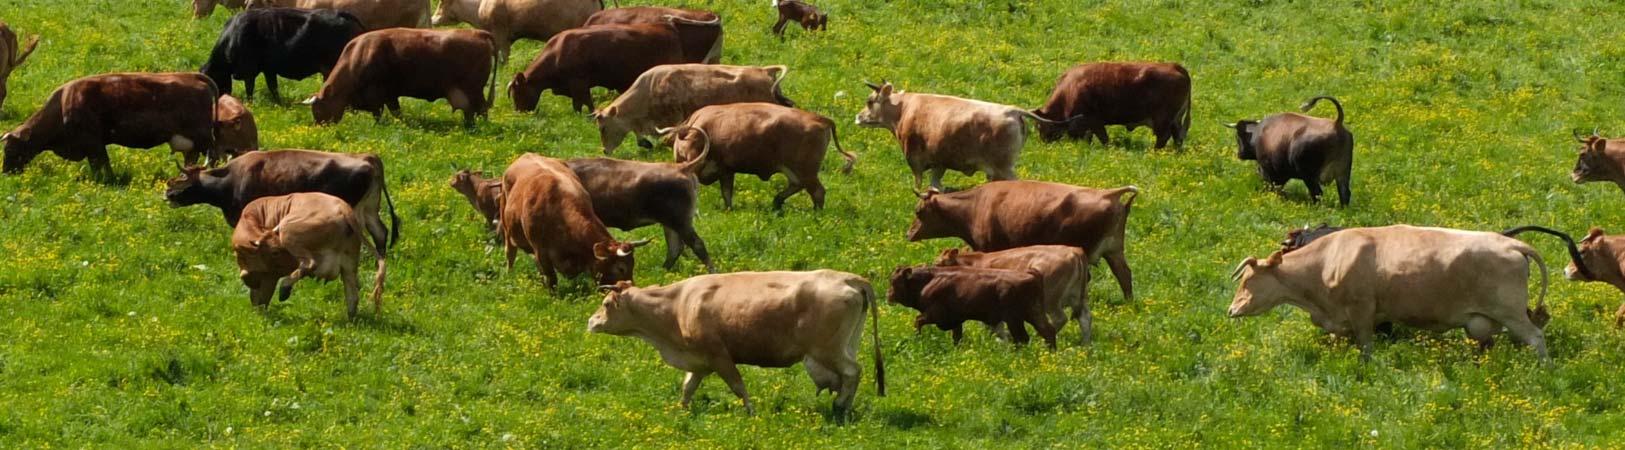 Pinzgauer auf der Weide im Frühjahr